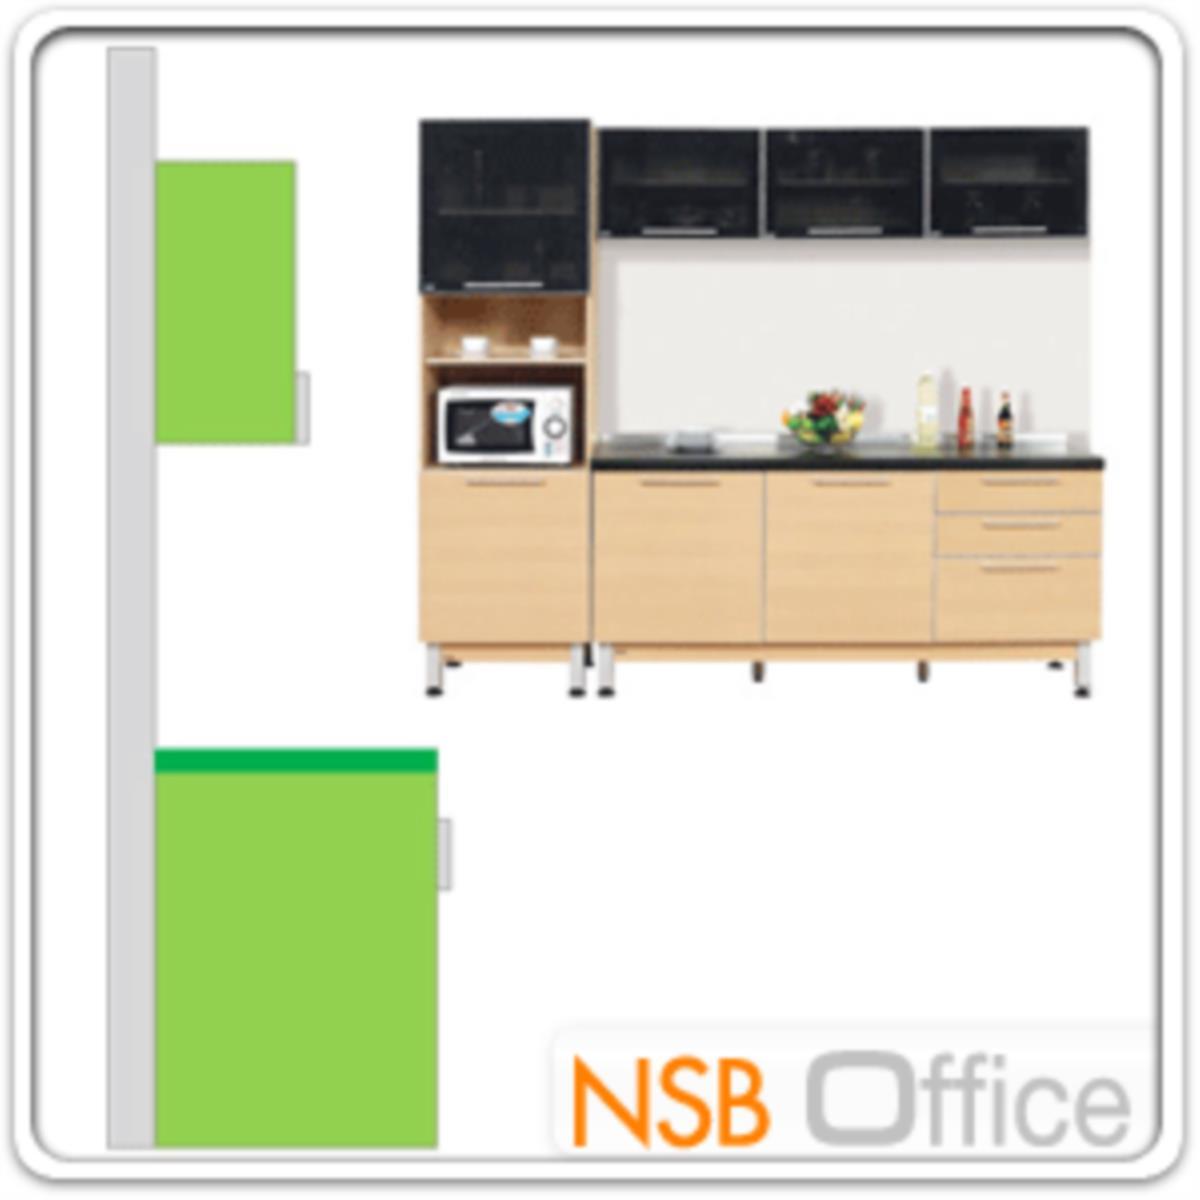 ชุดตู้ครัวสีบีทดำ 240W cm.   รุ่น STEP-132  (สำหรับครัวเปียกและครัวแห้ง)